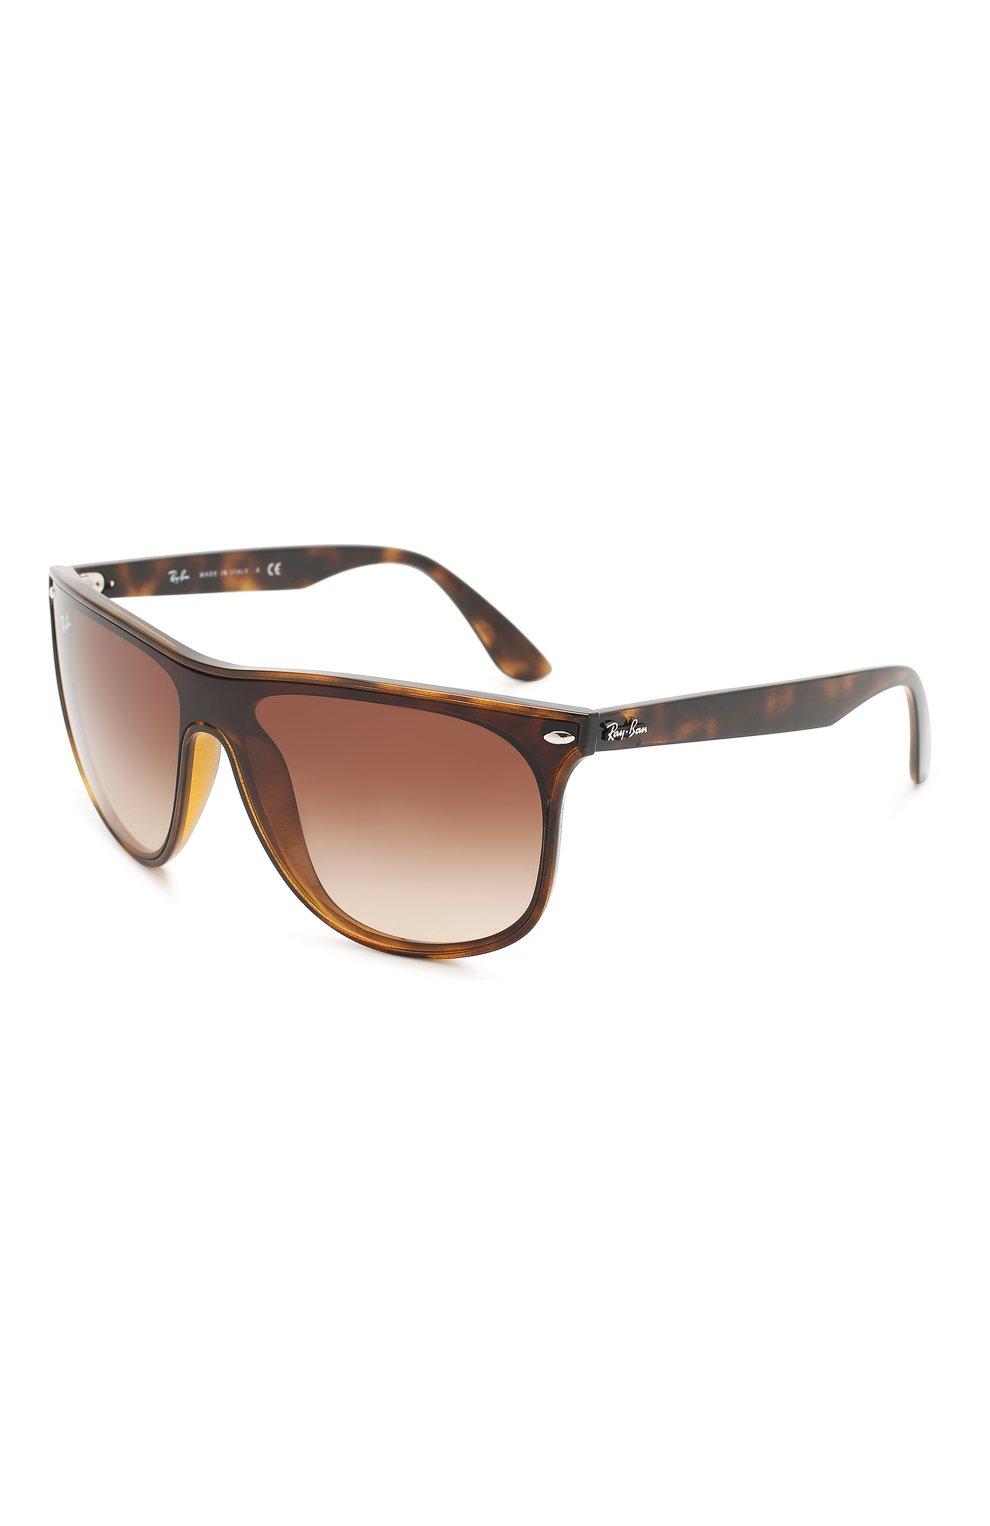 Мужские солнцезащитные очки RAY-BAN коричневого цвета, арт. 4447N-710/13 | Фото 1